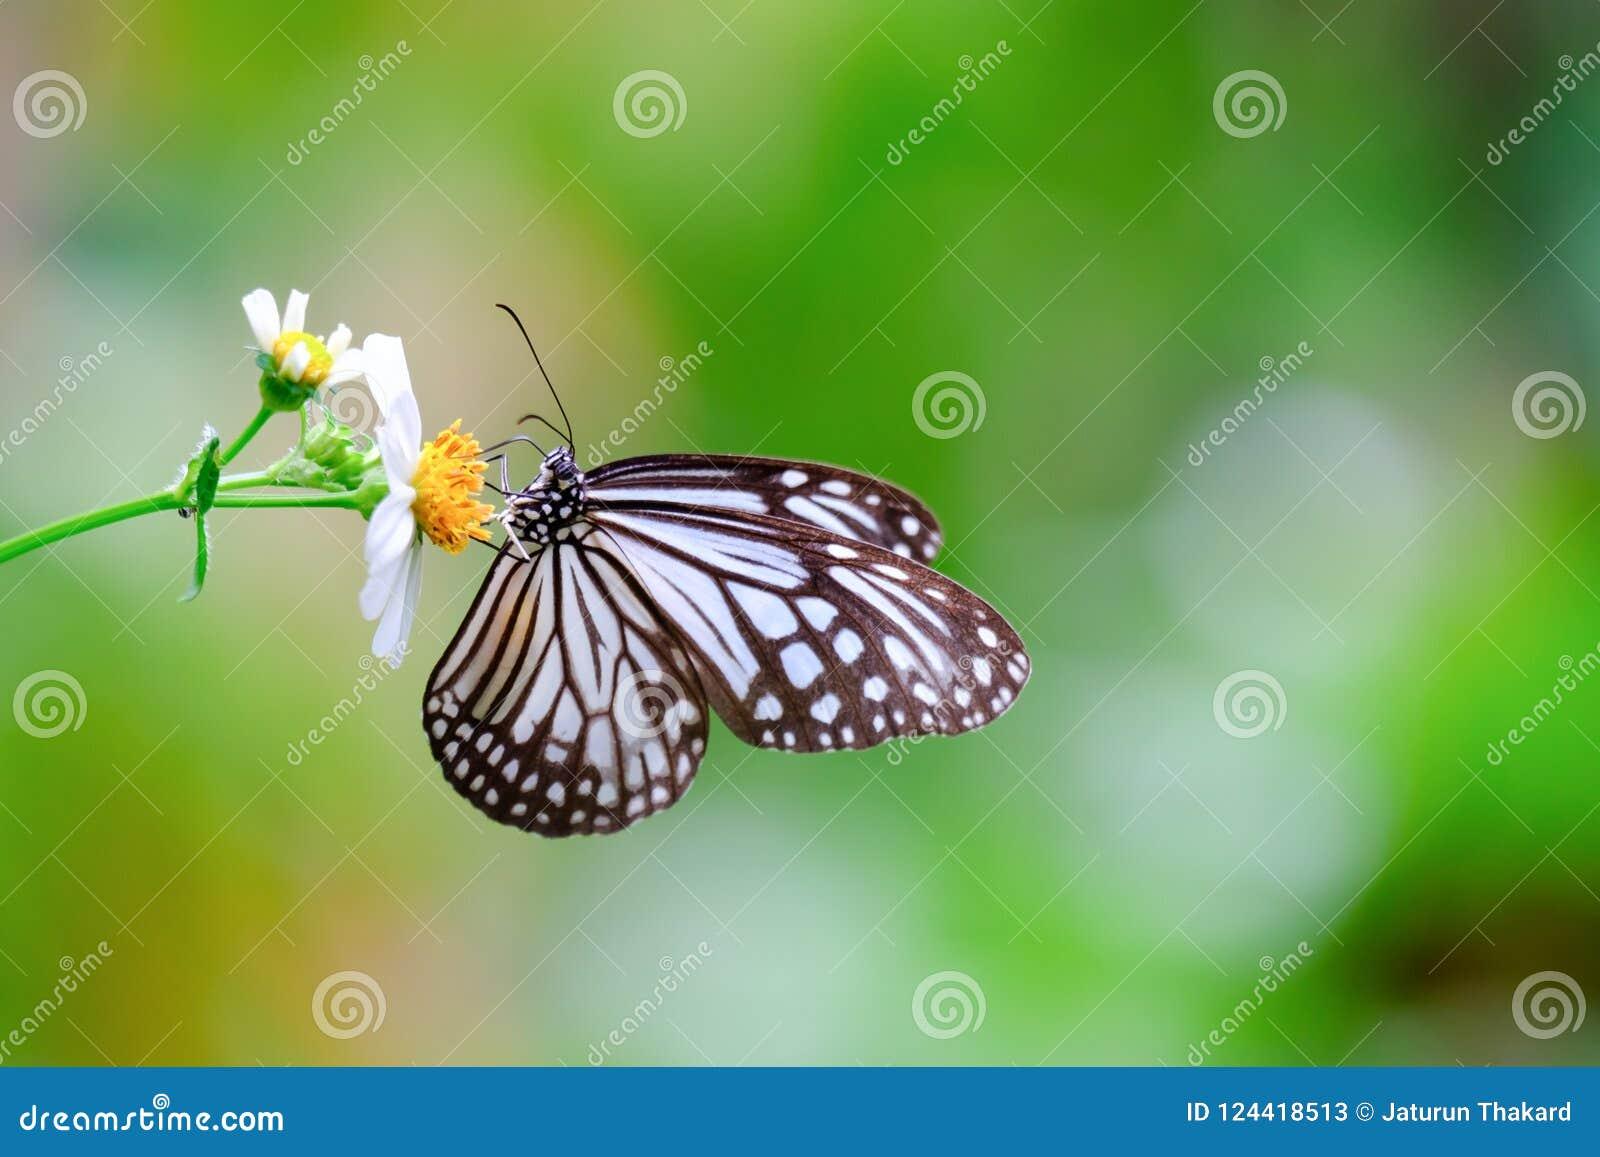 Farfalla vetrosa comune della tigre del primo piano